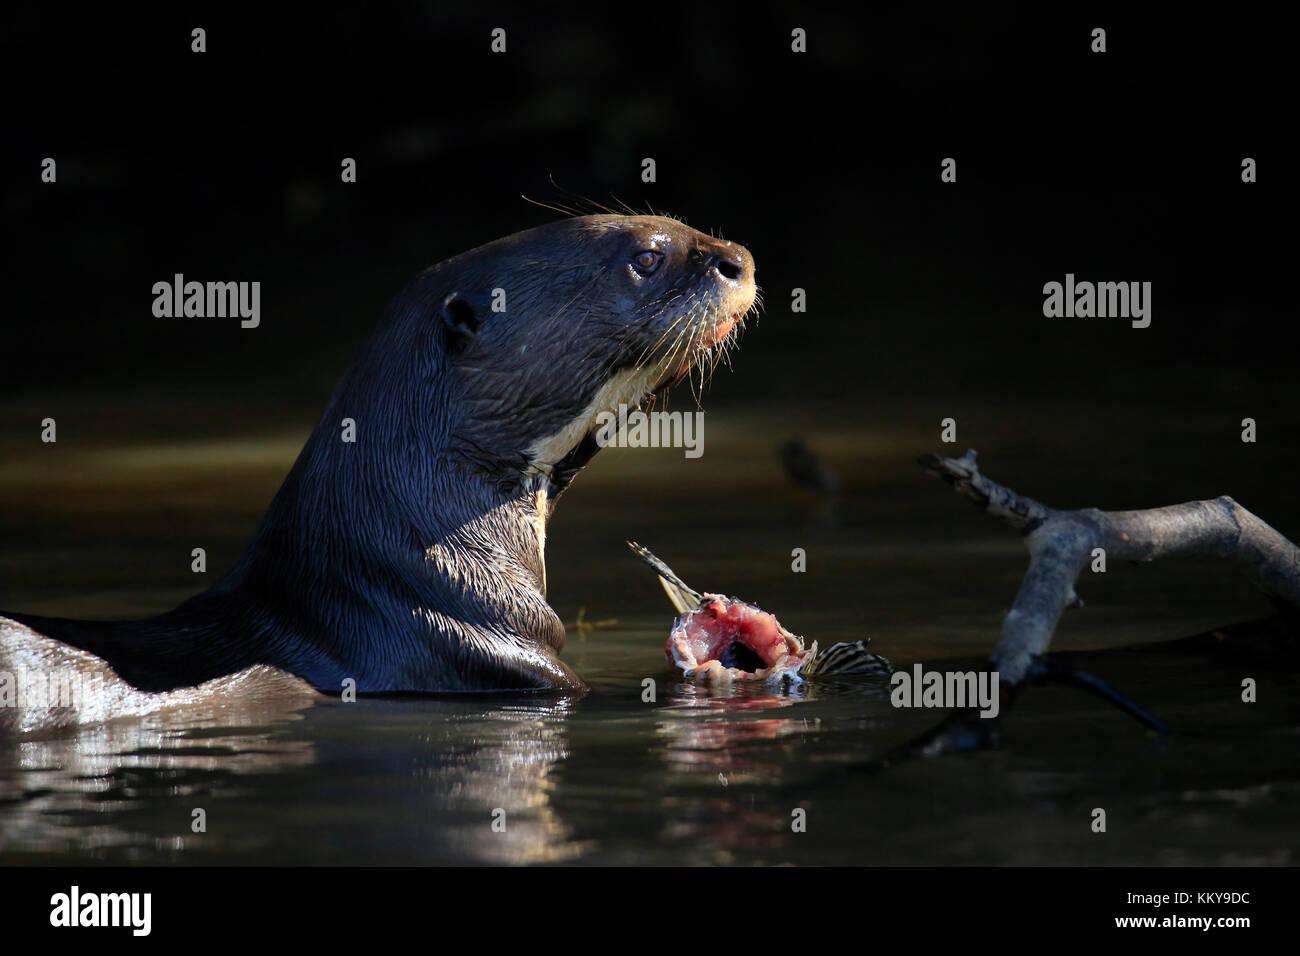 Giant Otter Feeding in the River. Pantanal, Brazil - Stock Image